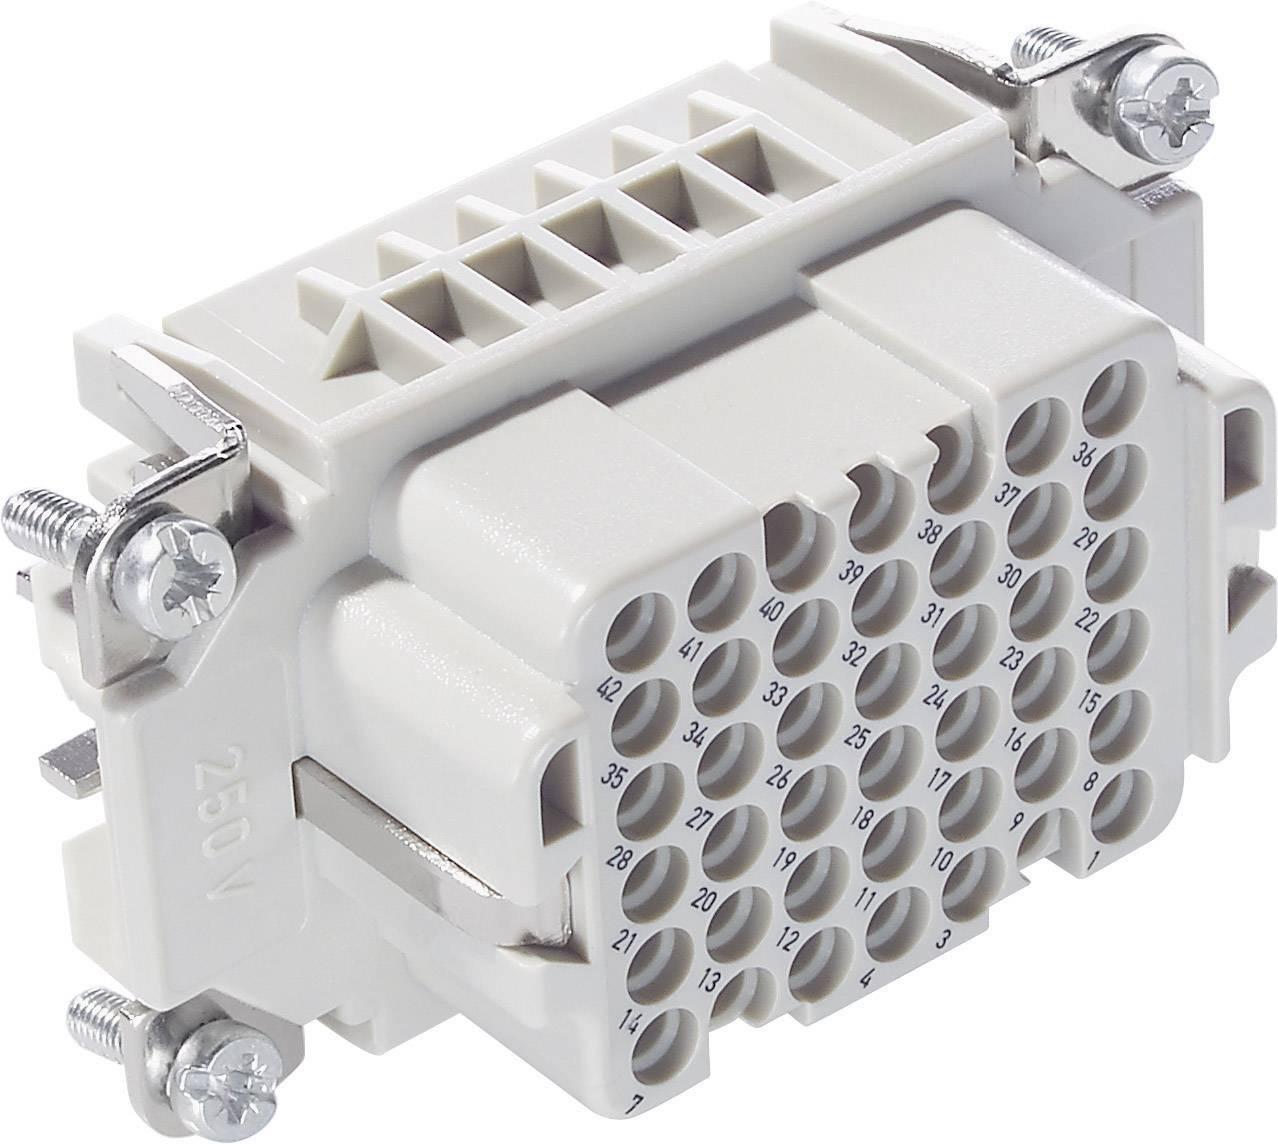 Konektorová vložka, zásuvka EPIC® H-DD 42 11286100 LappKabel počet kontaktů 42 + PE 1 ks